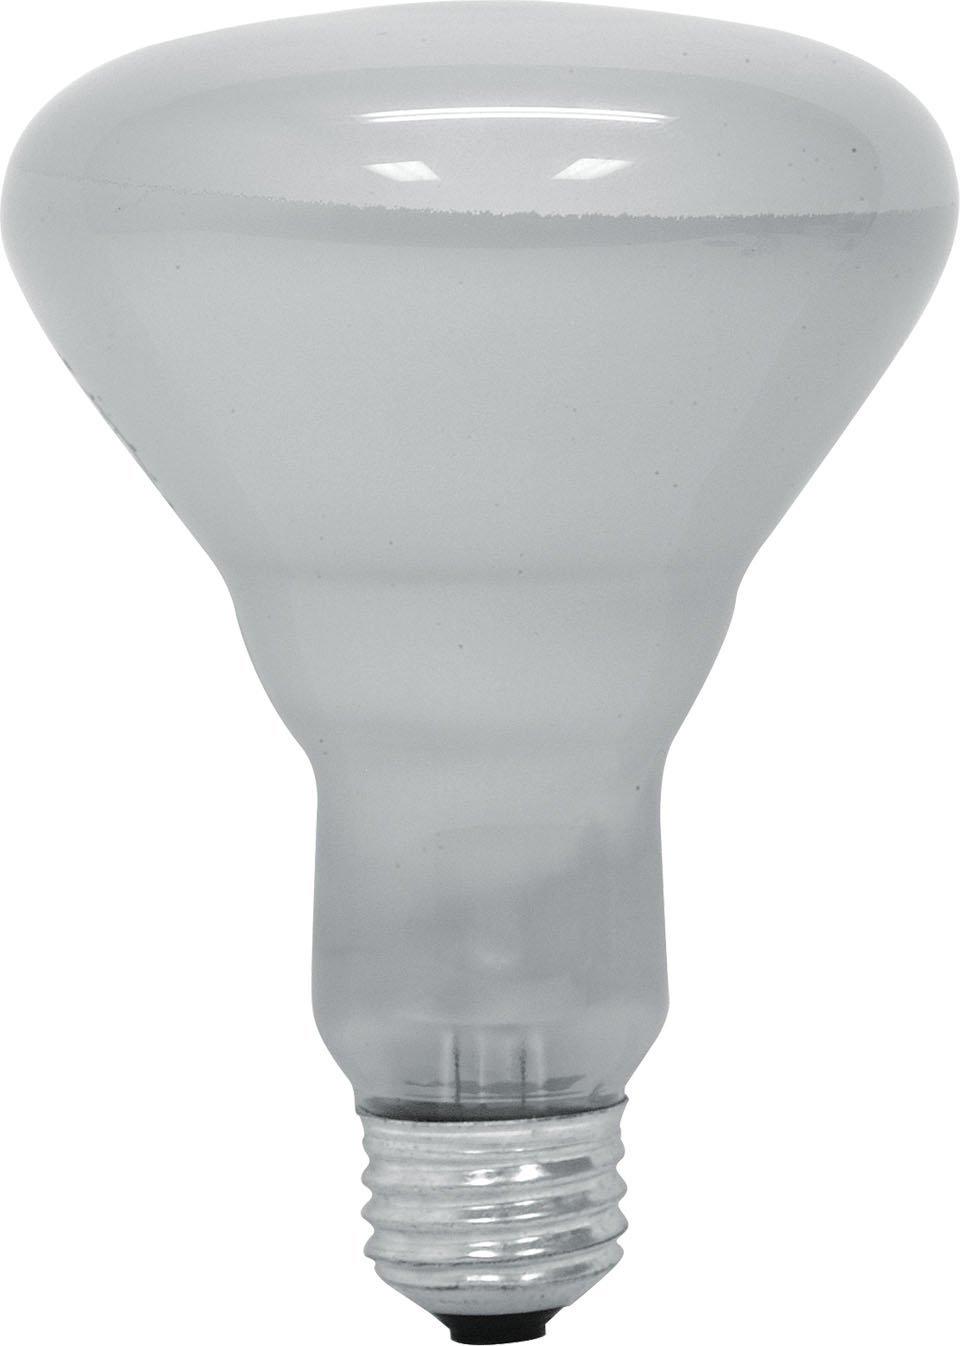 GE Lighting 65-Watt 610-Lumen R30 Floodlight Bulb, Soft White - 6 Pack